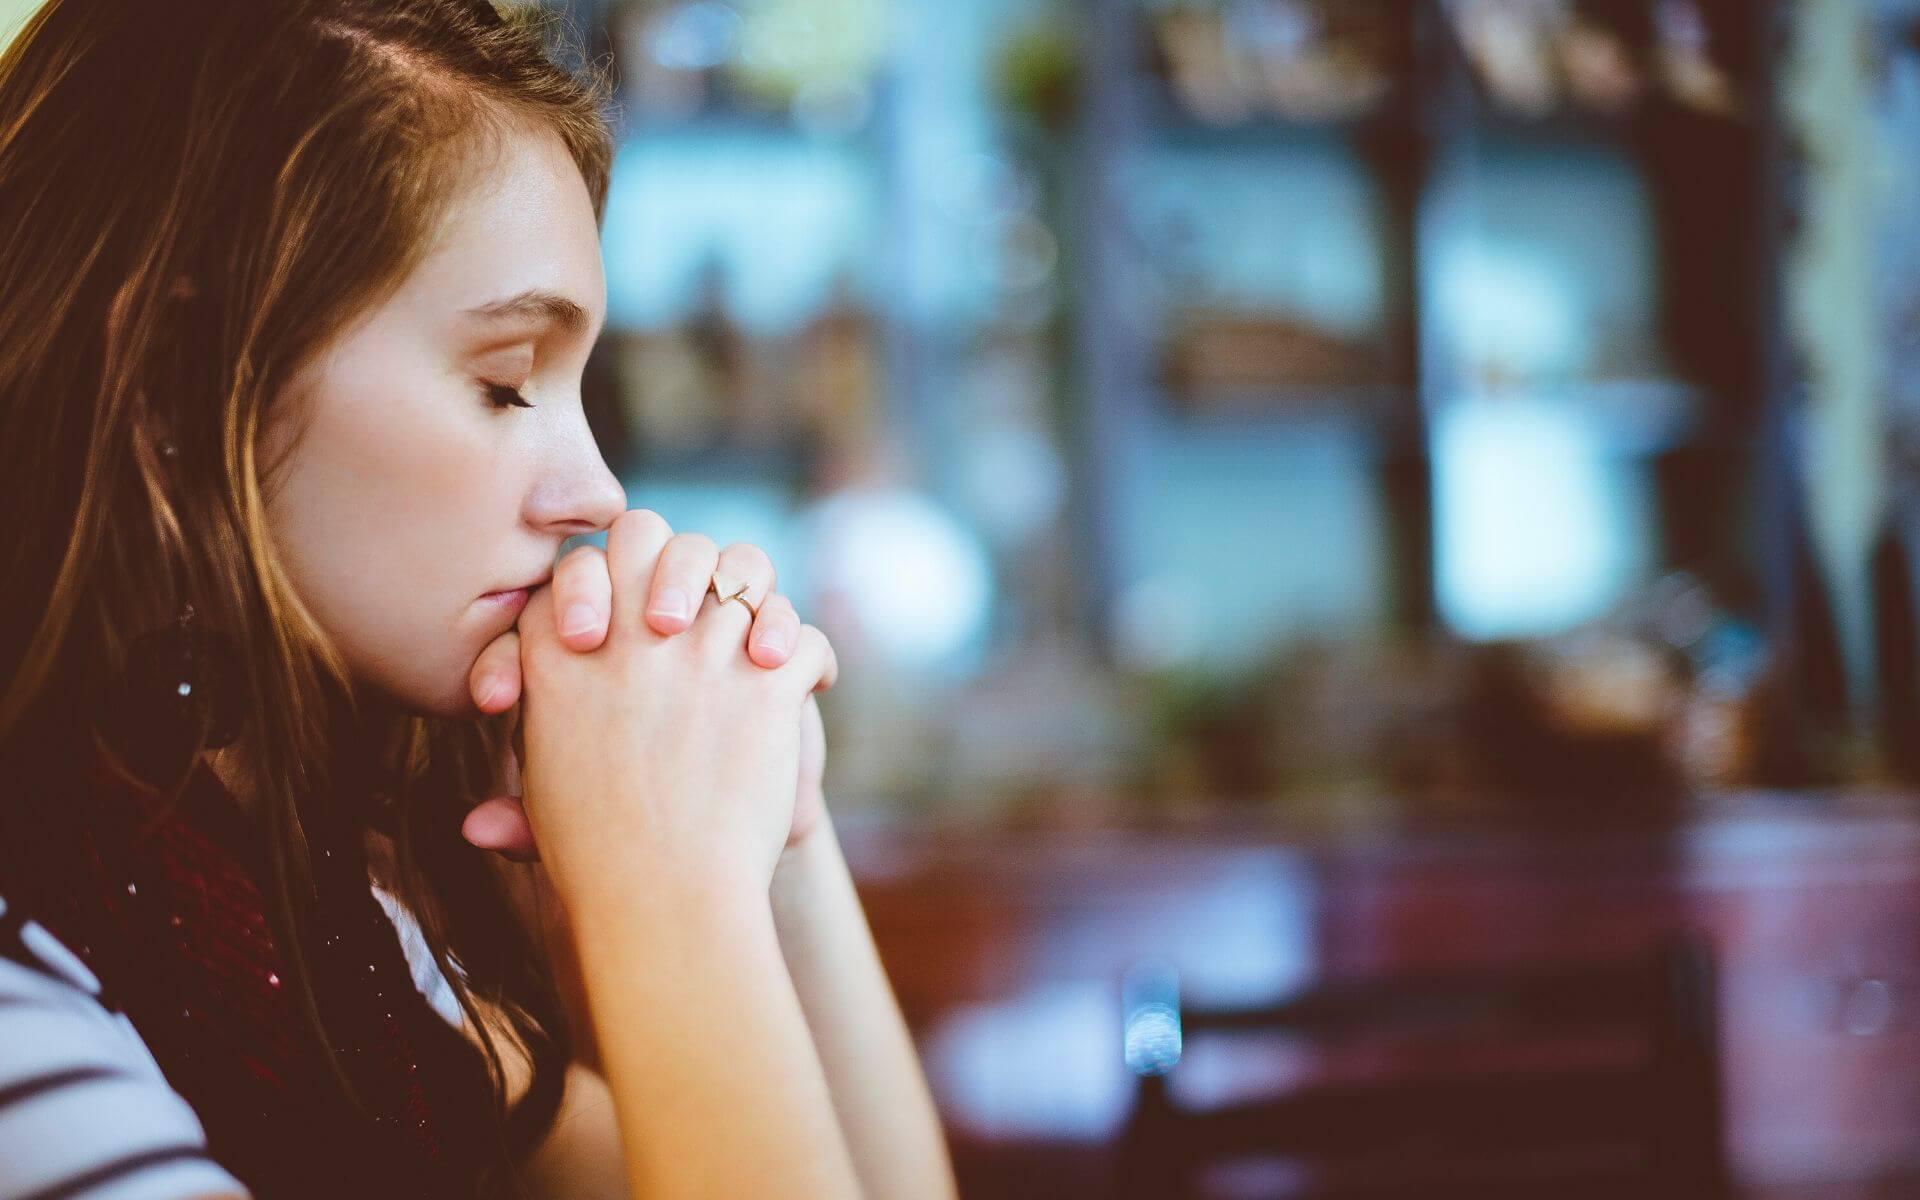 Die 101(+) schöne Bibelsprüche und Verse für jede Lebenslage